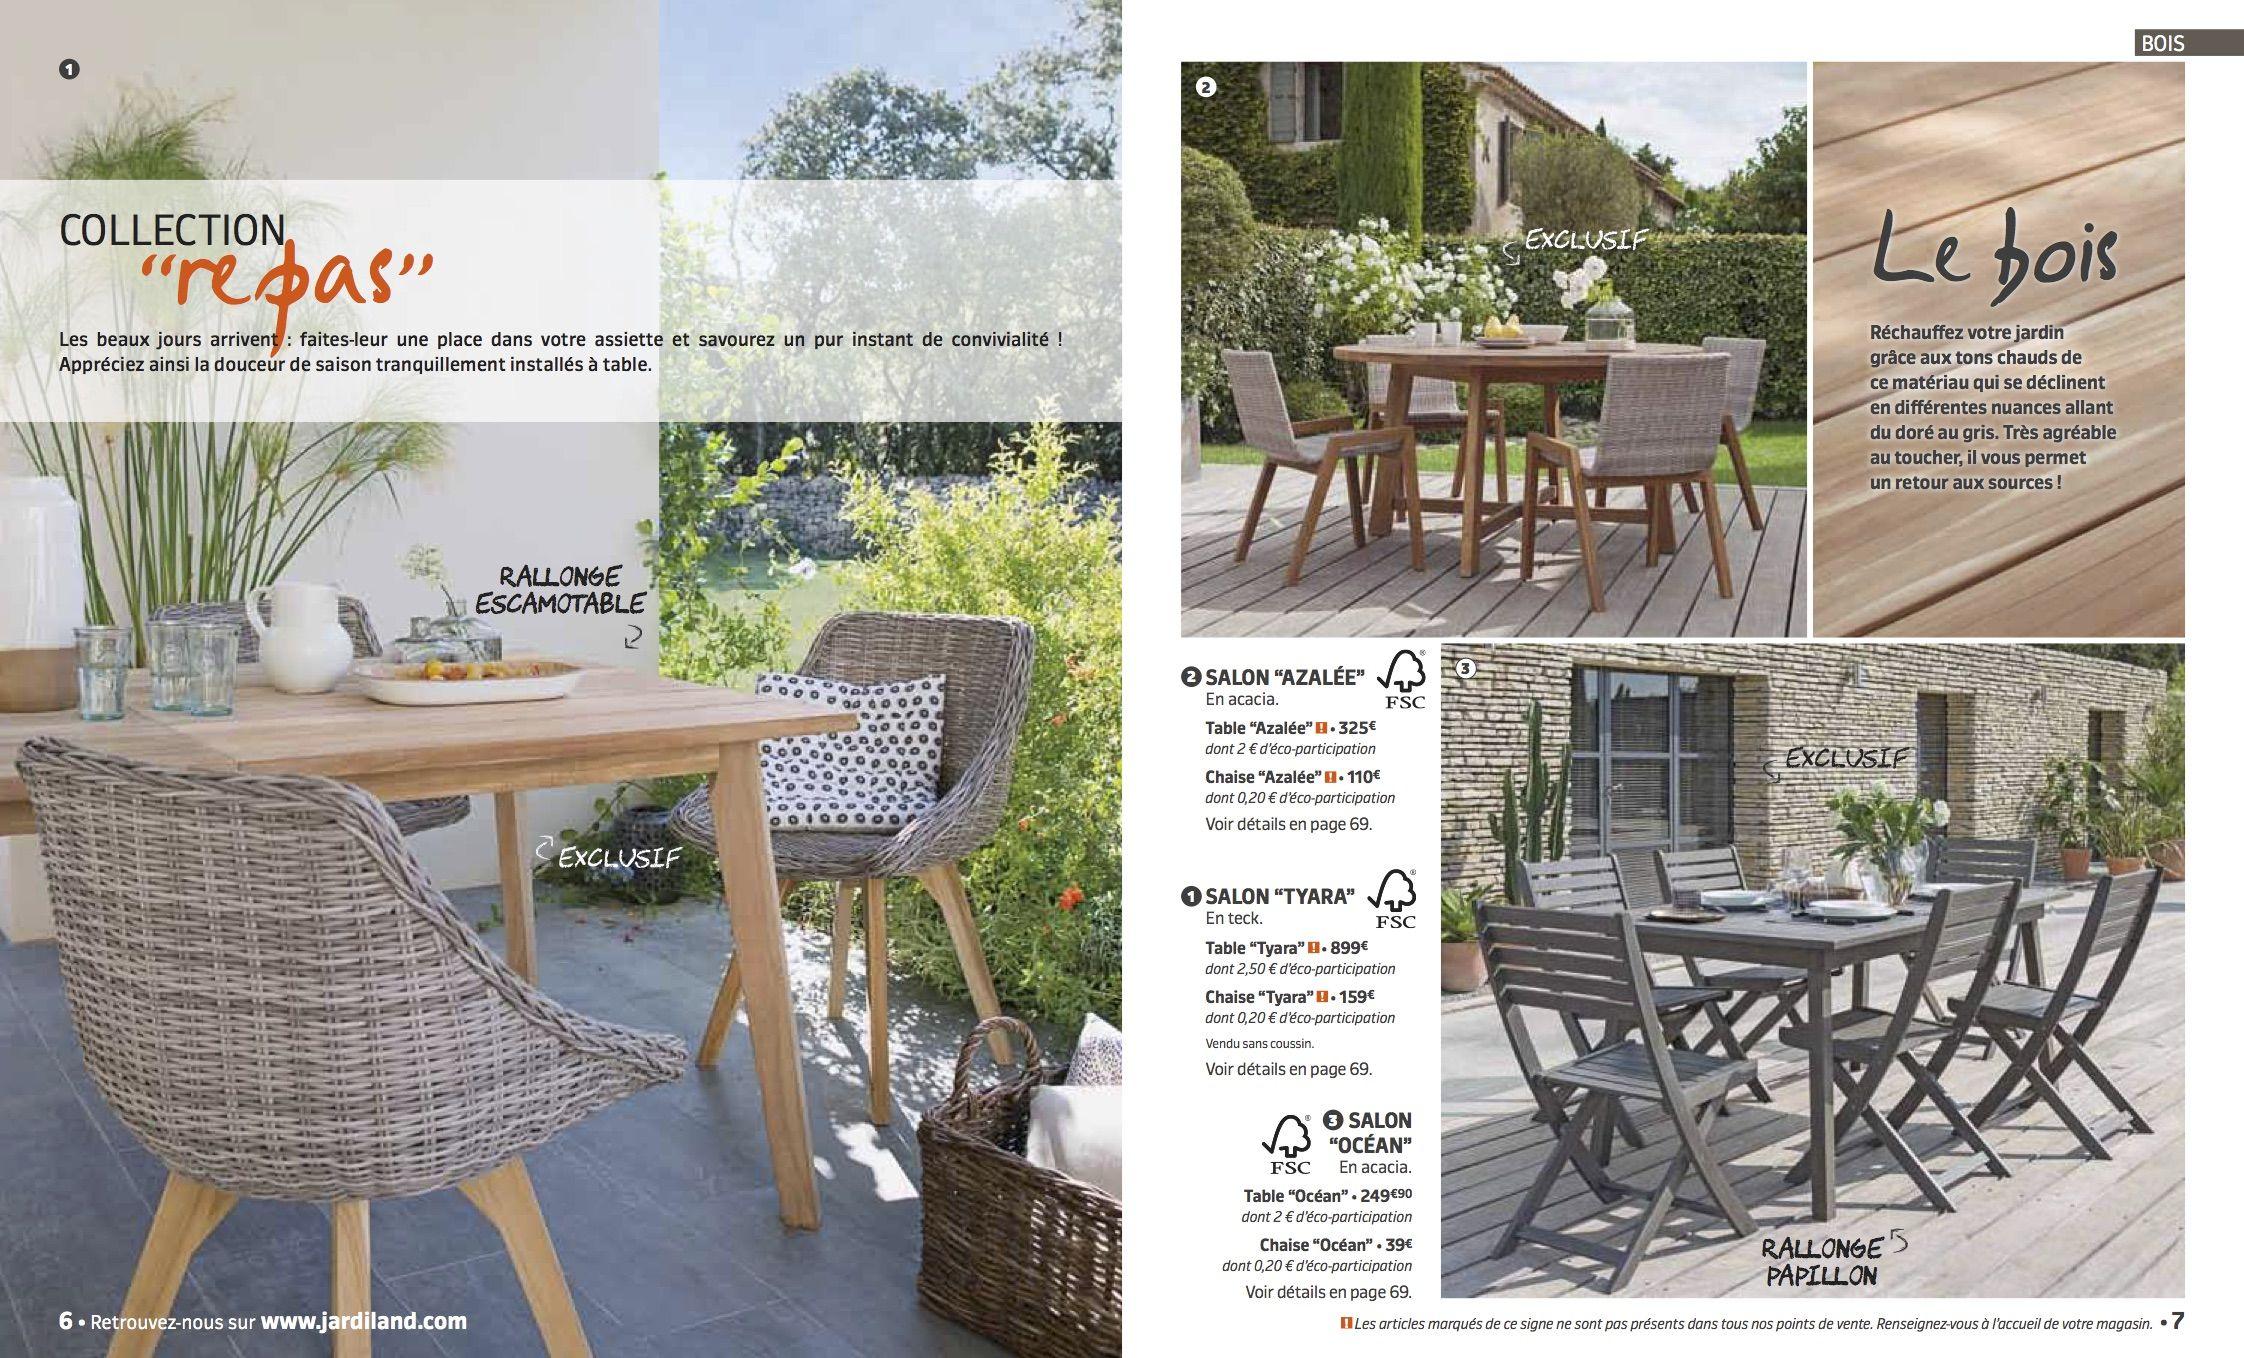 Epingle Par La Chose Sur Jardiland Catalogue Avec Images